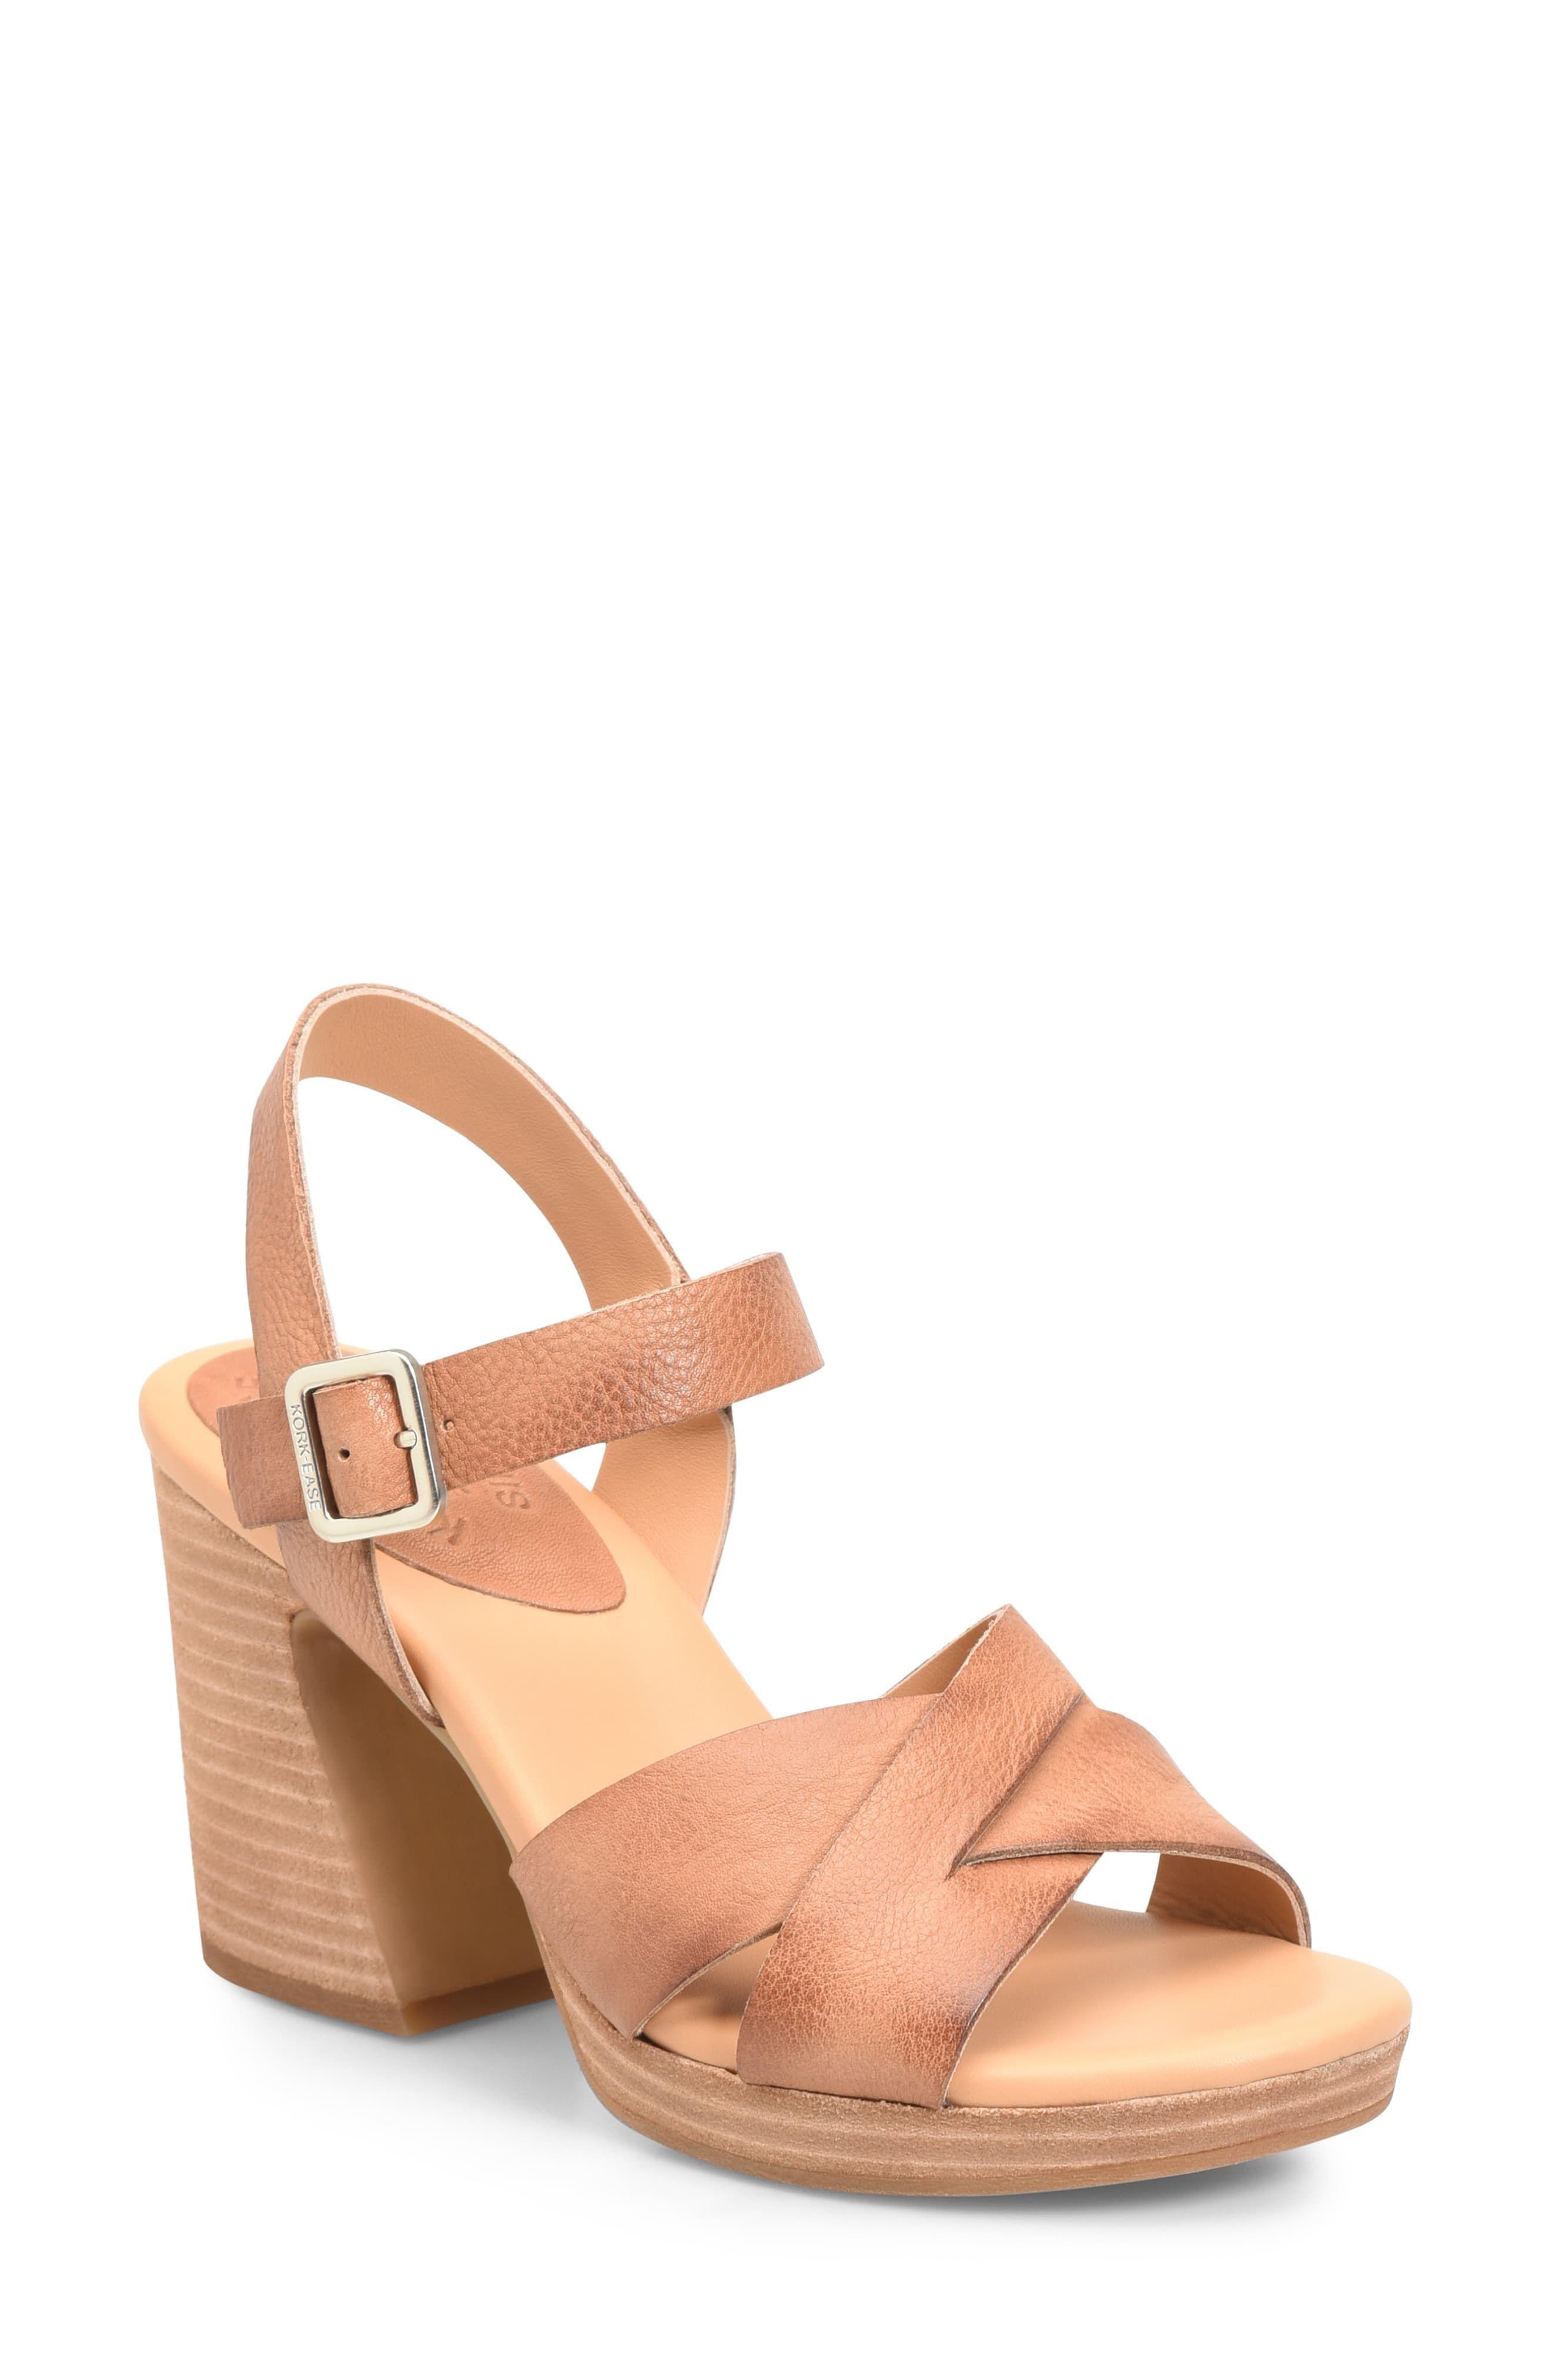 d94b09e0d0 Women's Kork-Ease Kristjana Block Heel Sandal, Size 6 M - Black in ...